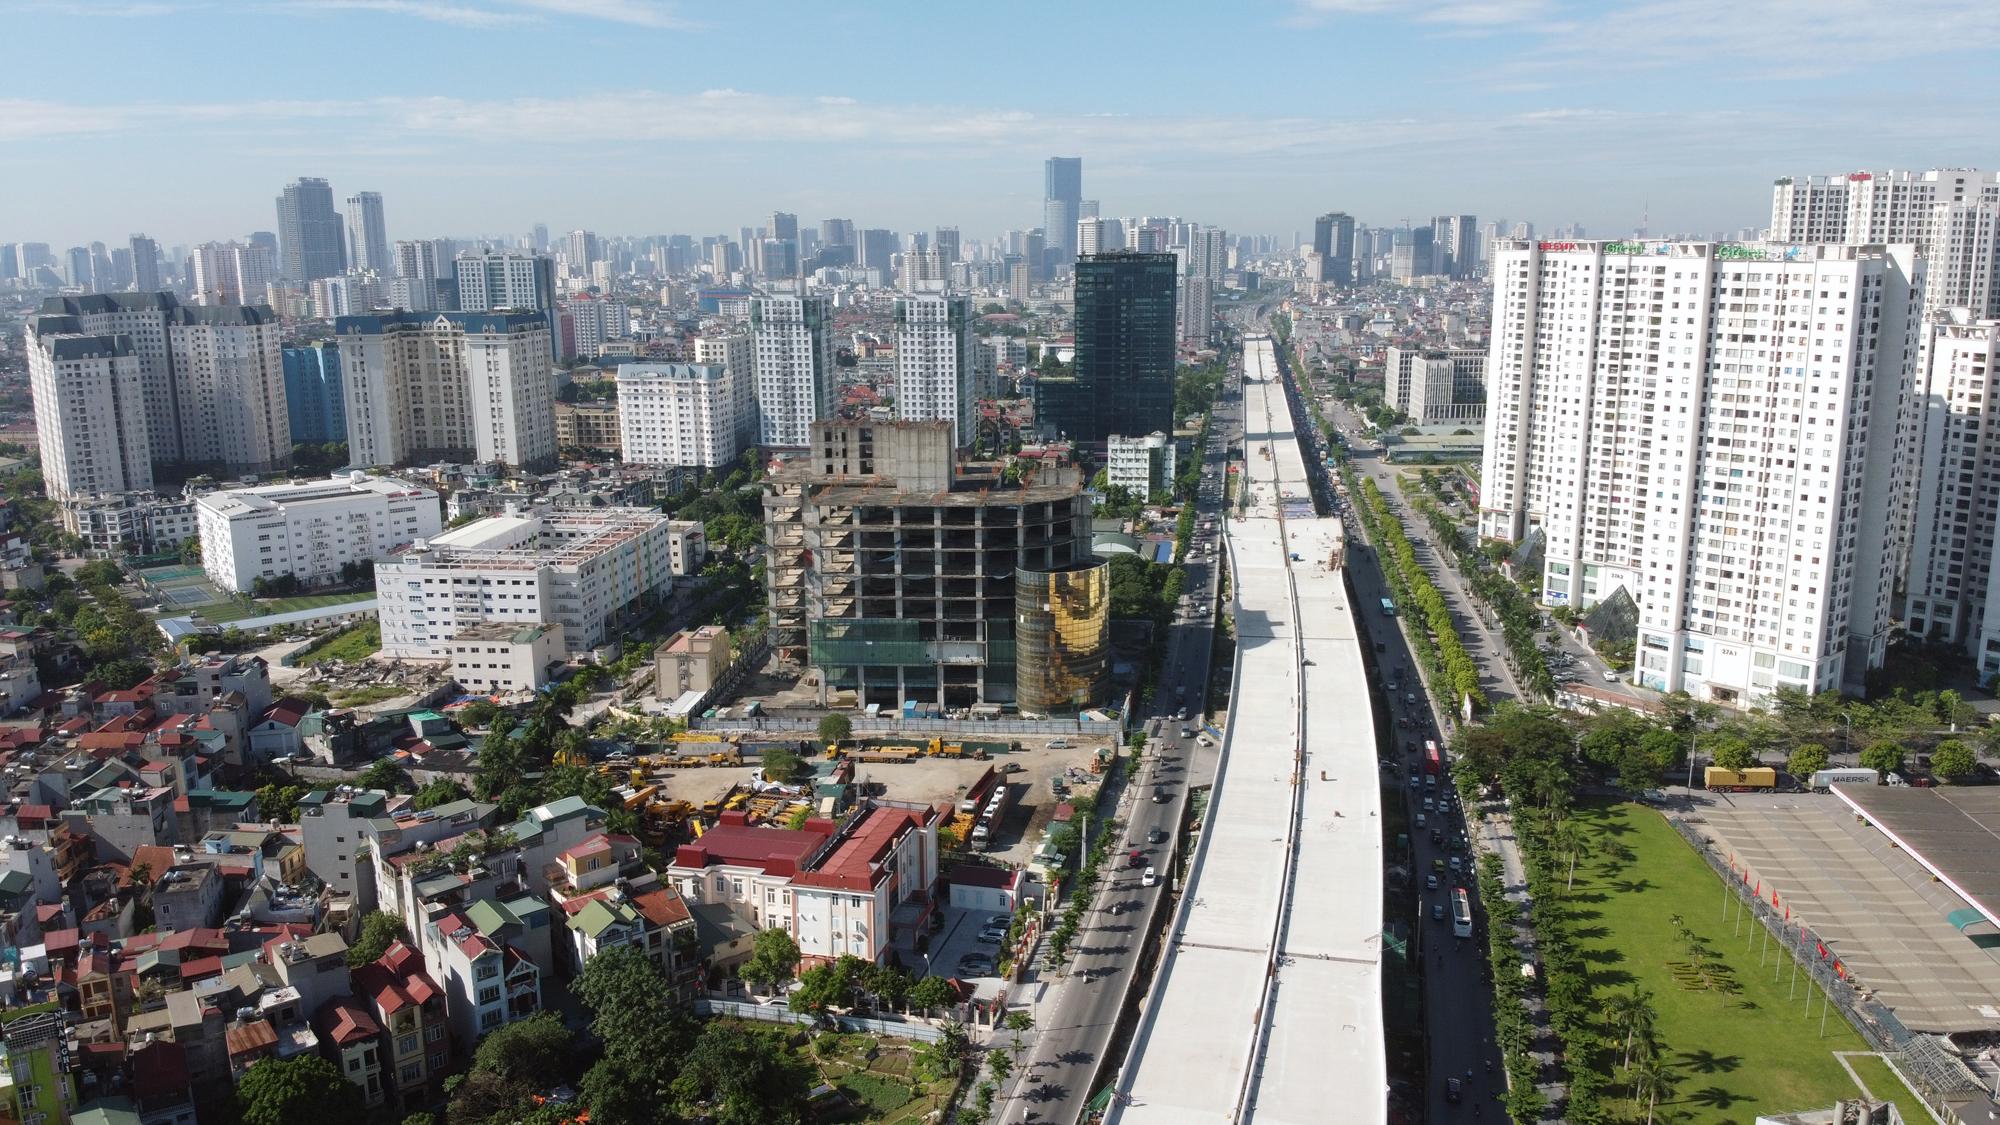 Phó Thủ tướng: Thị trường bất động sản đang mất cân đối cung cầu - Ảnh 1.